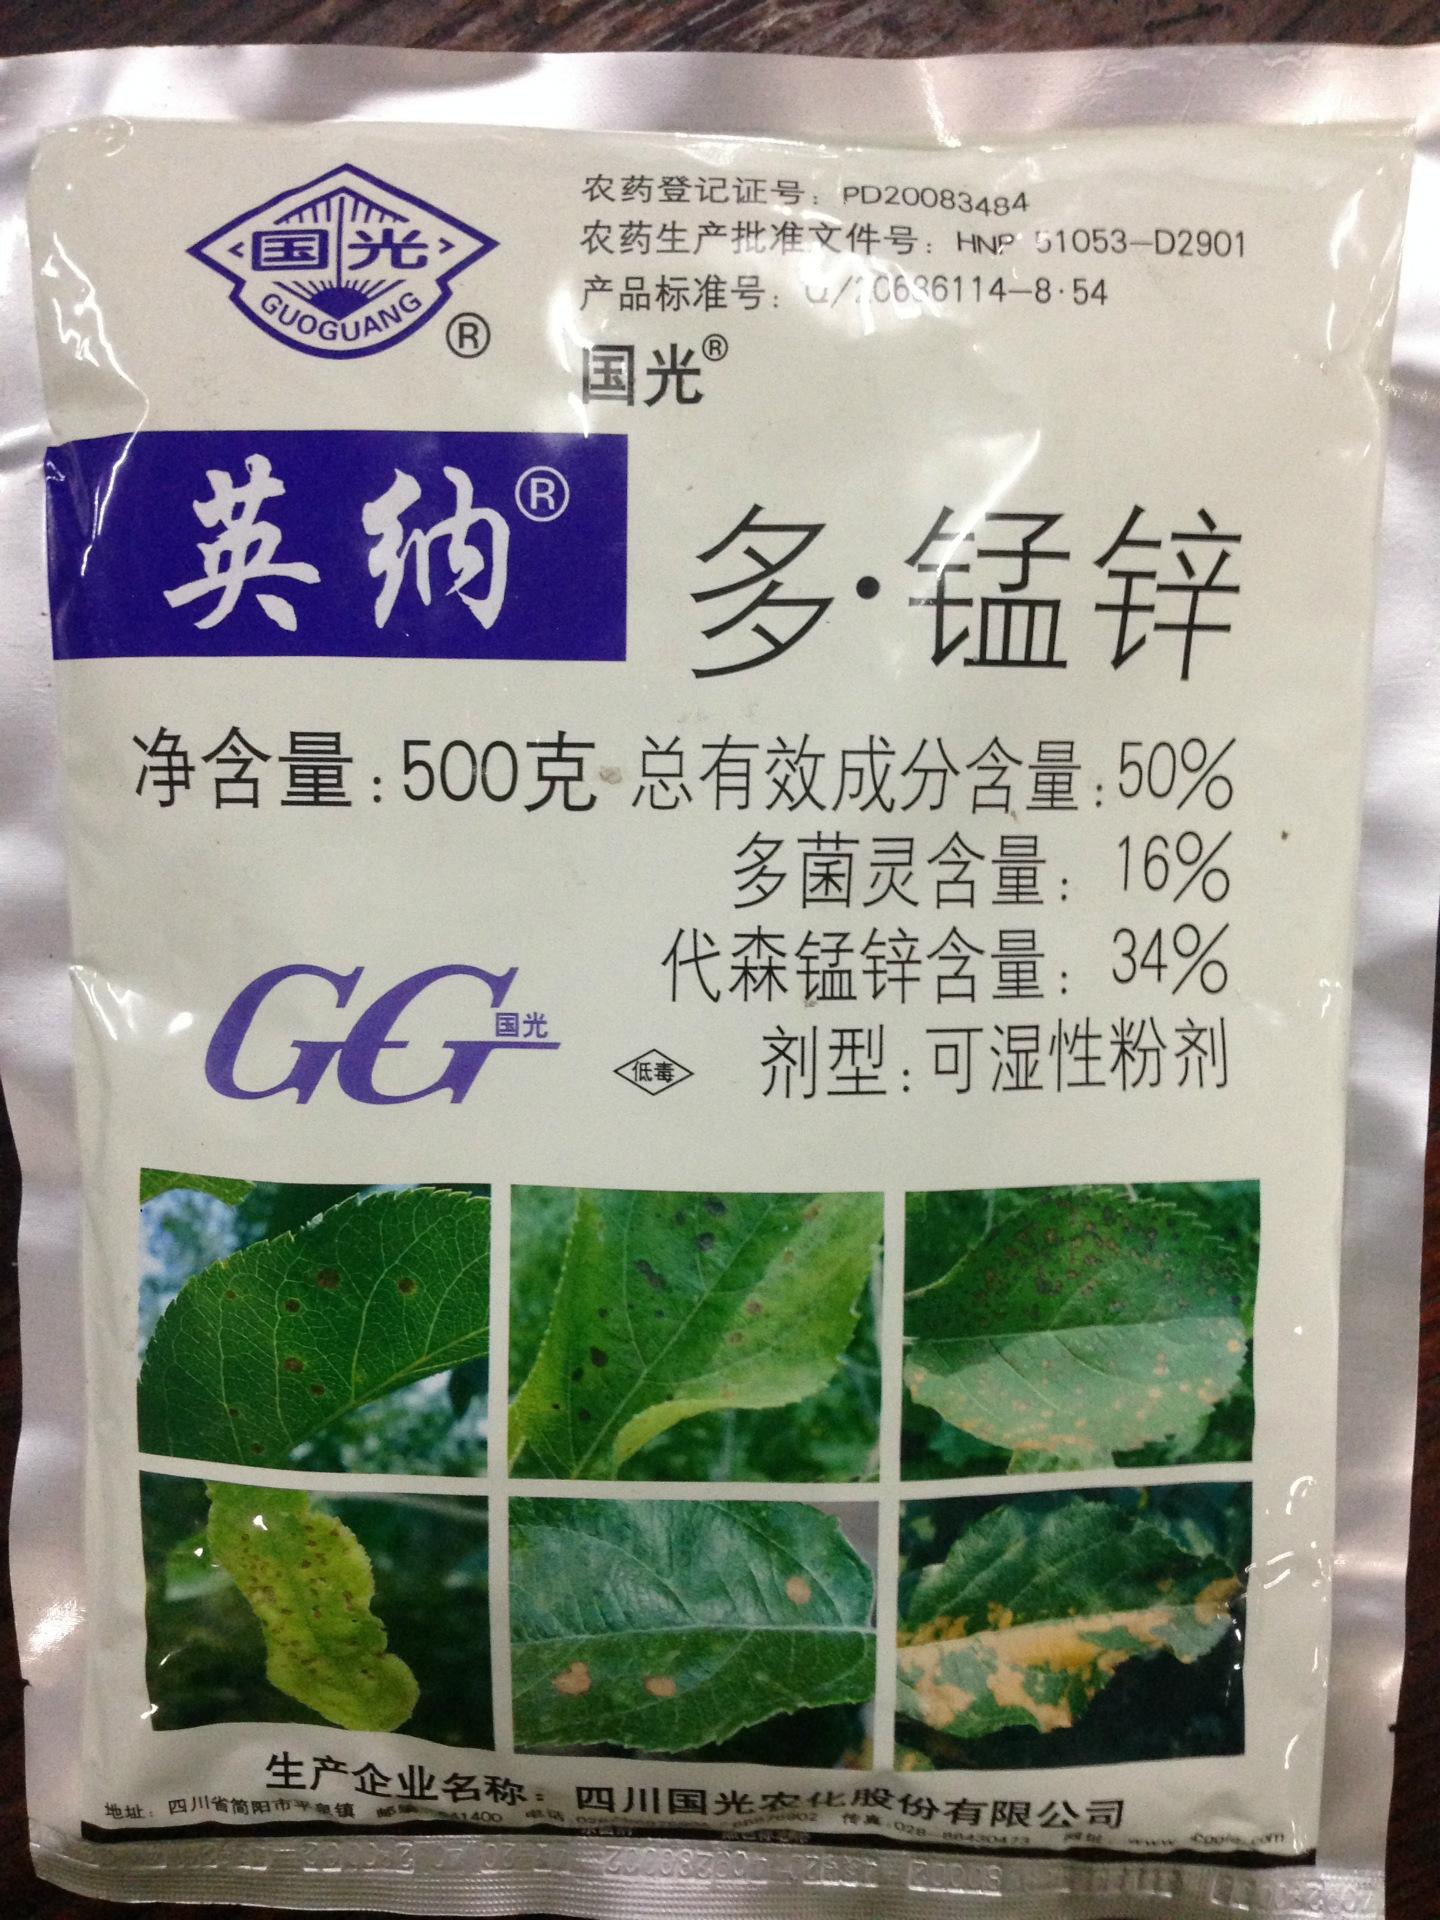 厂家直销国光英纳 多锰锌杀菌剂混剂 批发杀菌剂 农用特效